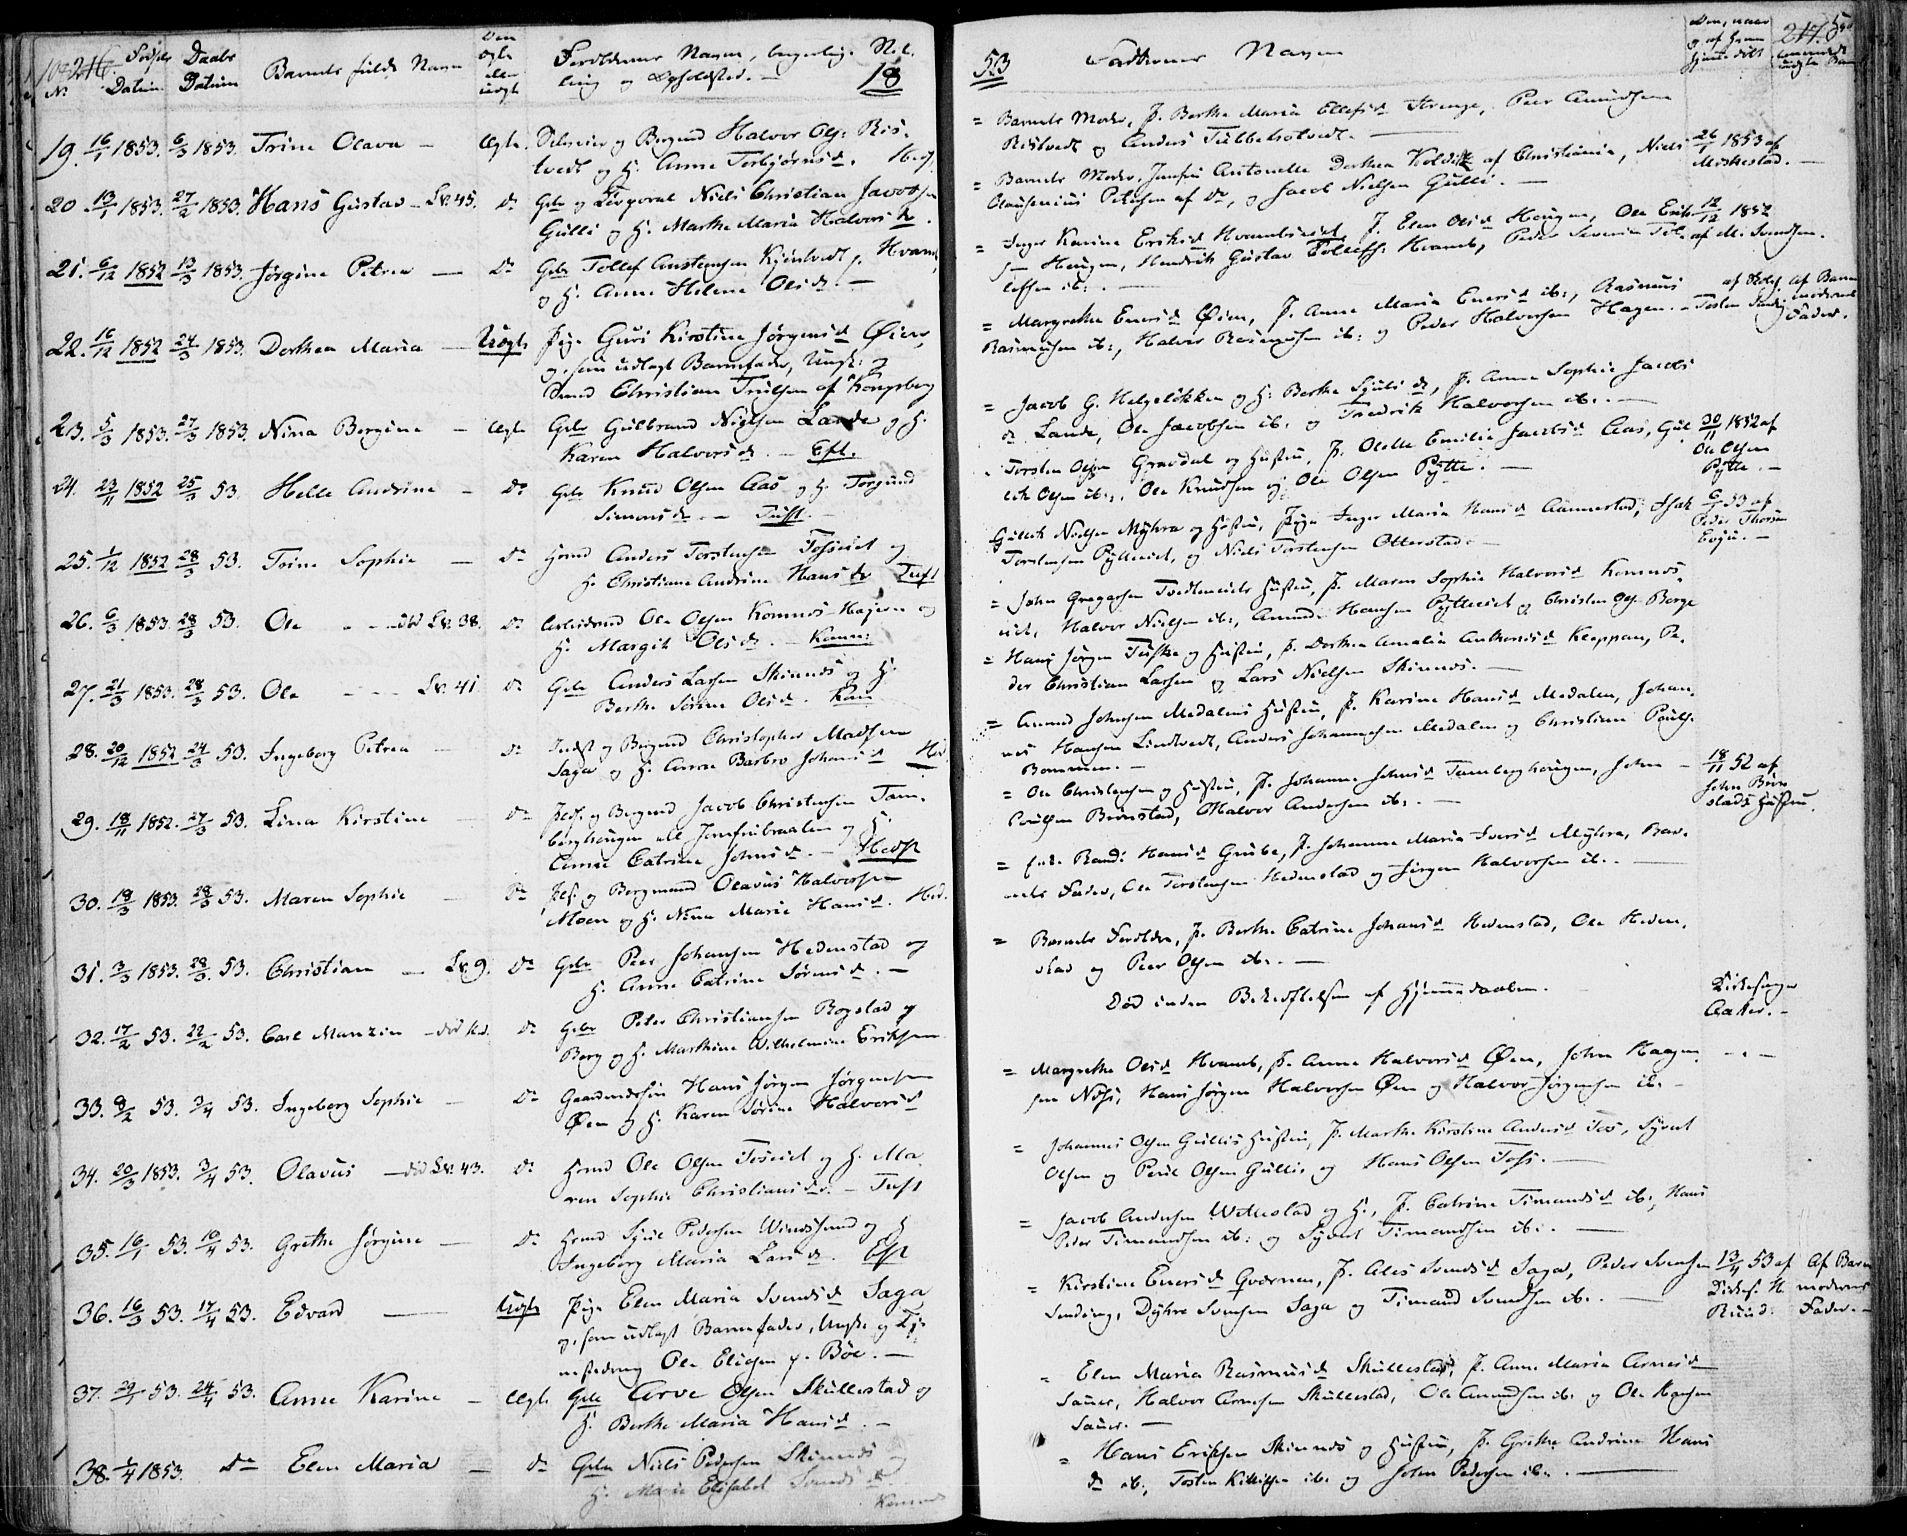 SAKO, Sandsvær kirkebøker, F/Fa/L0005: Ministerialbok nr. I 5, 1840-1856, s. 216-217